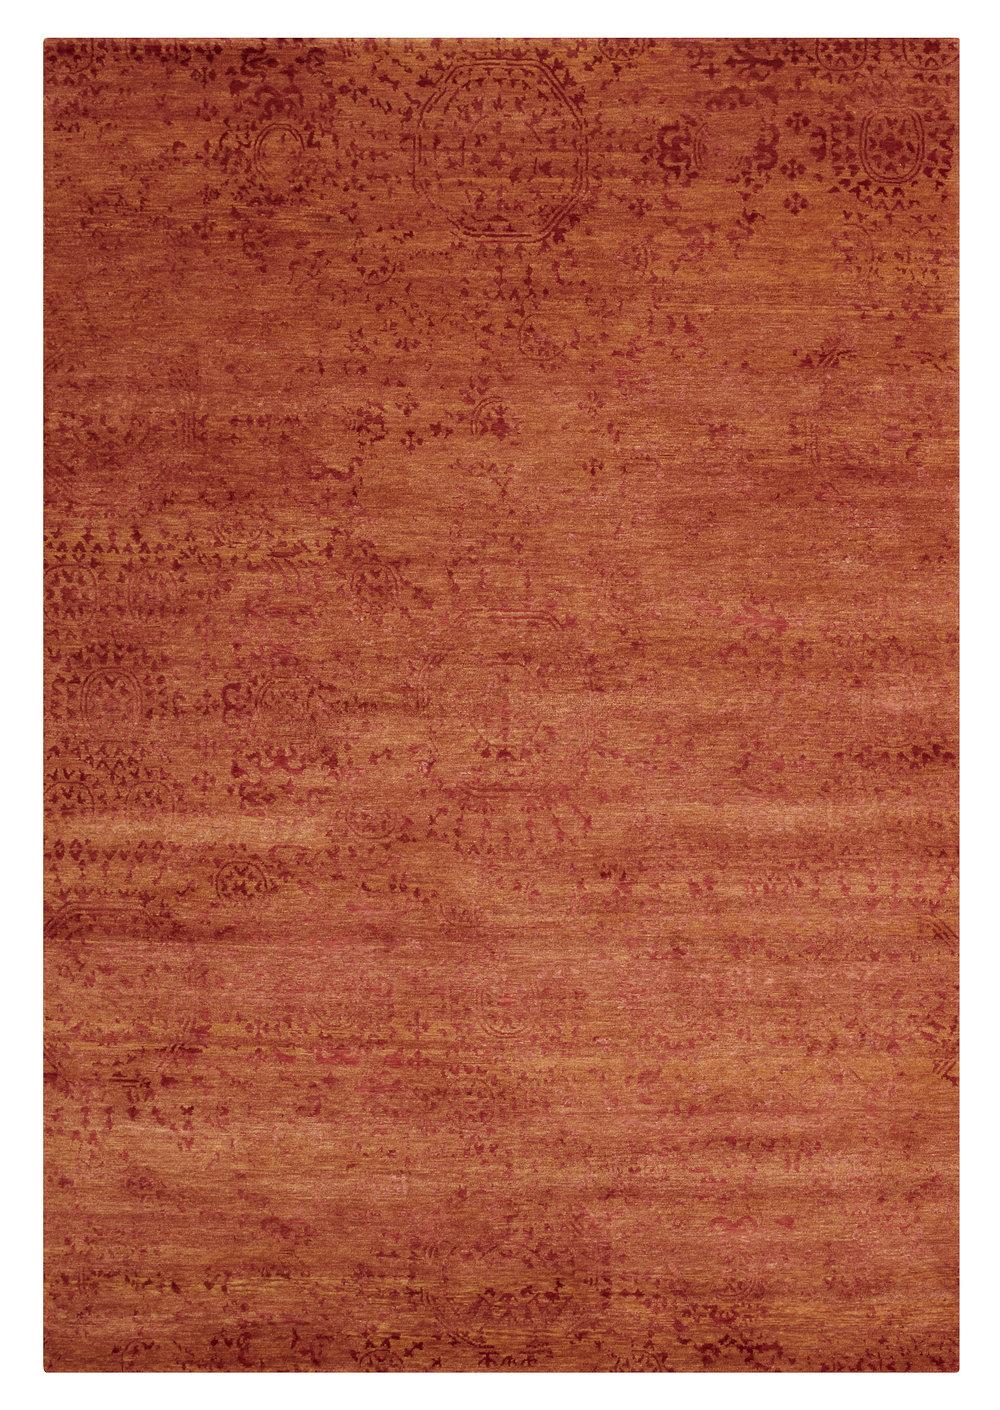 Mamluk-Spice(6' x 9').jpg